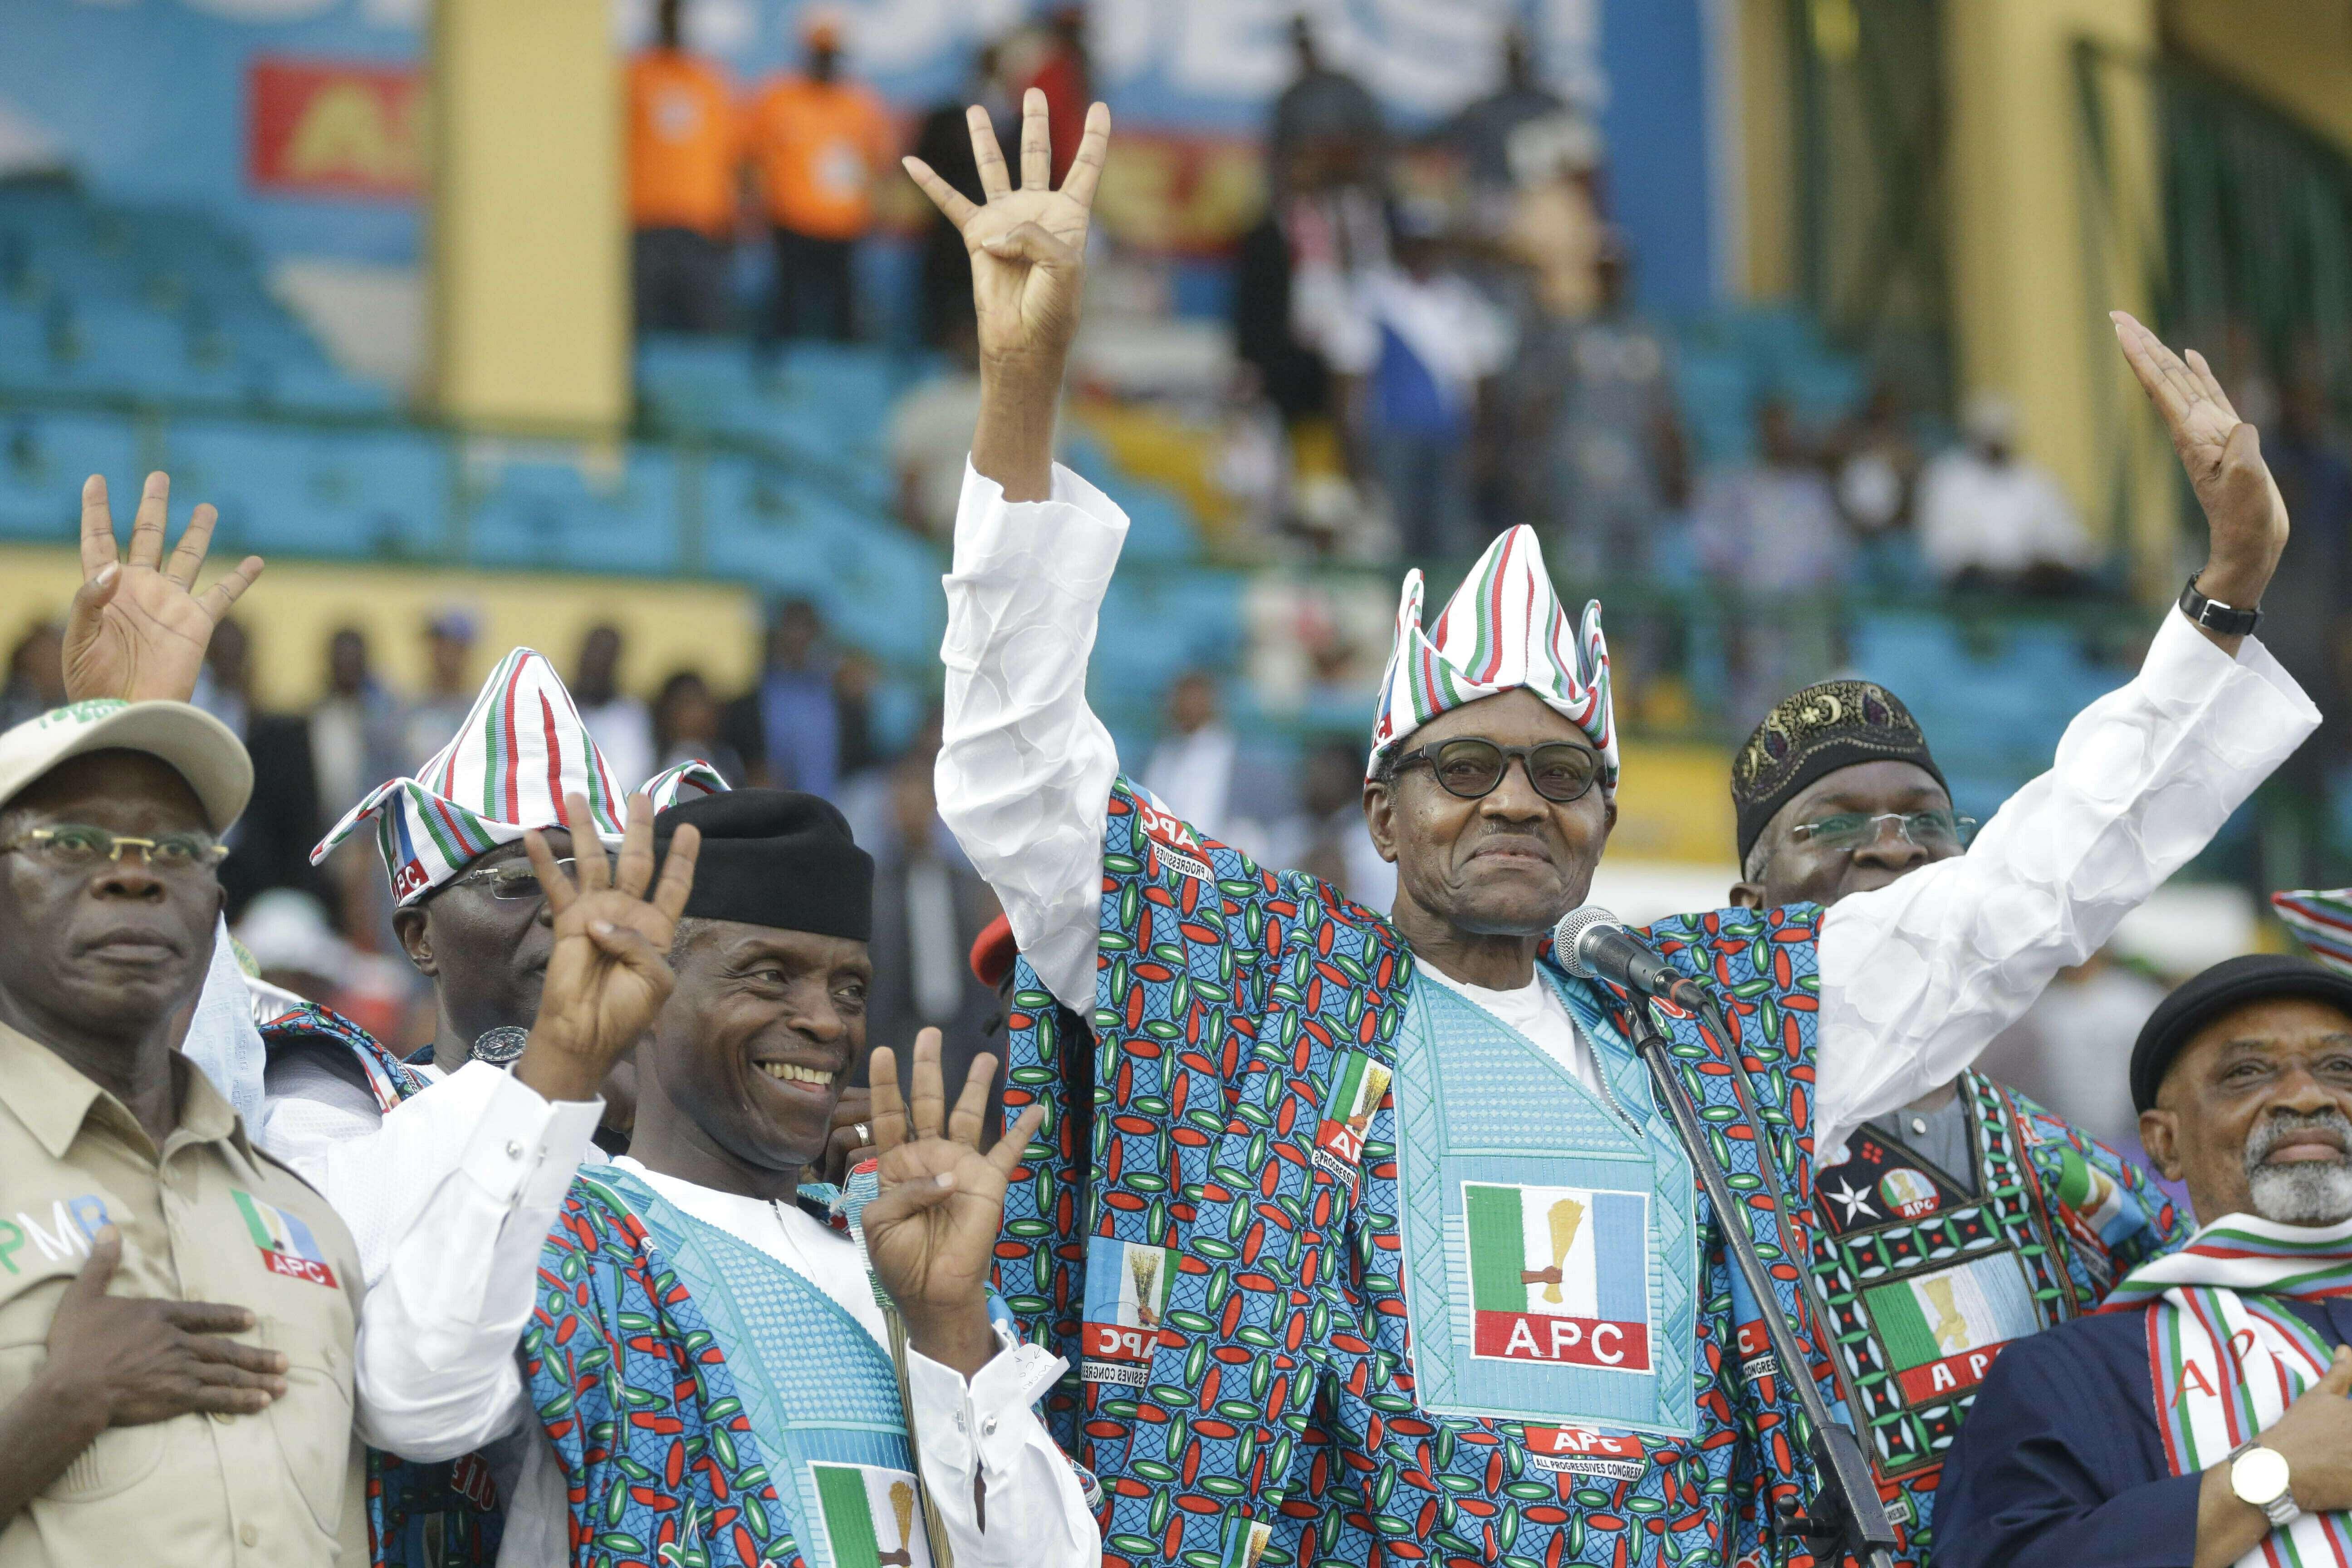 Le président nigérian Muhammadu Buhari lors d'une manifestation à Lagos, au Nigeria, le 9 février 2019.